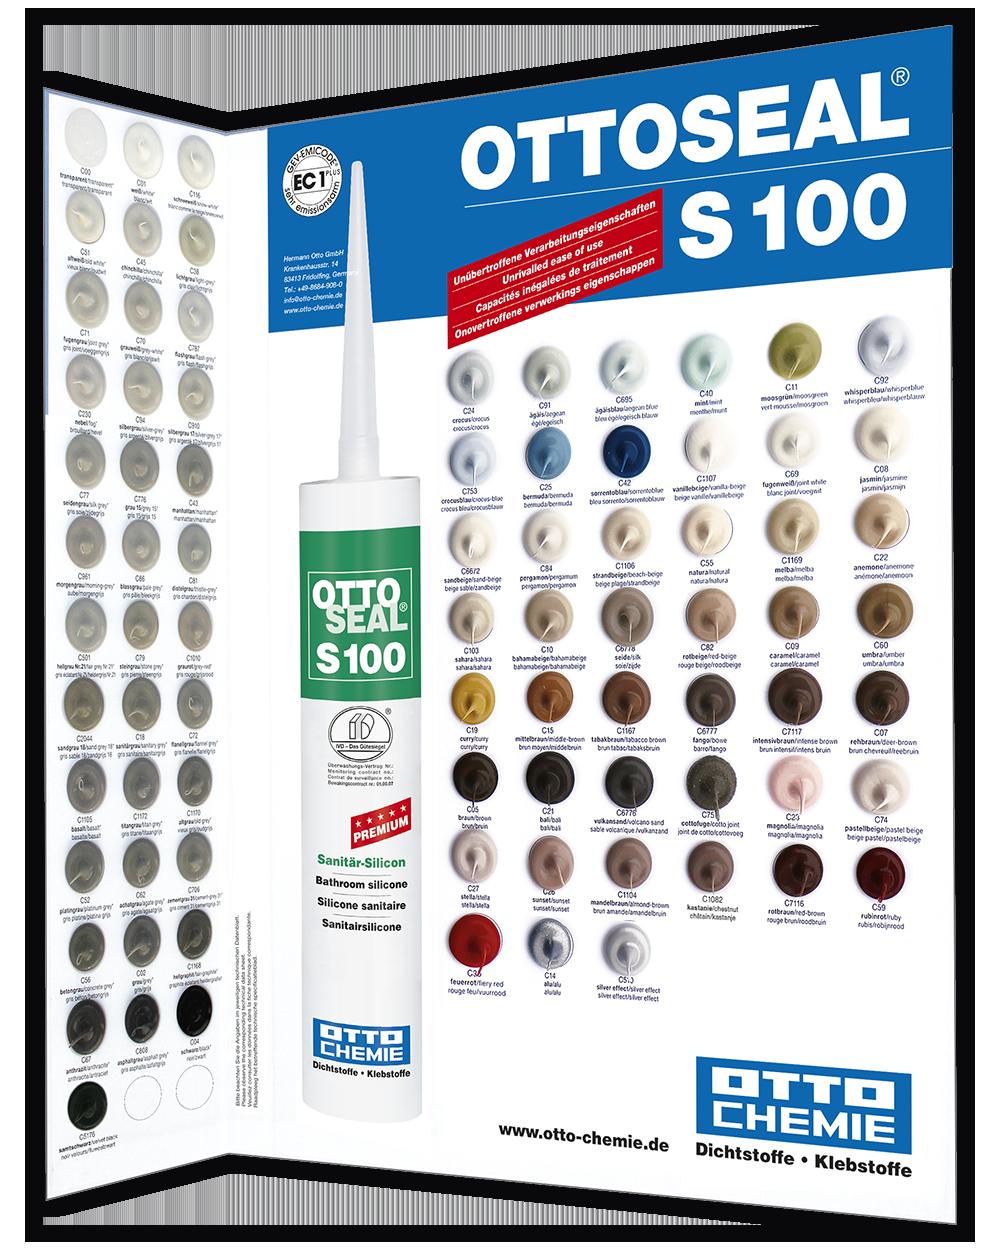 OTTOSEAL S100 Farbkarte